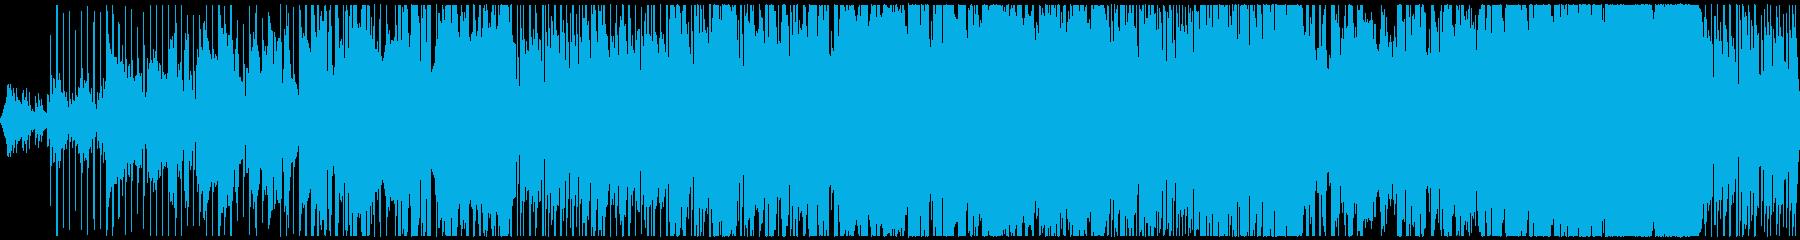 ひかりの螺旋の再生済みの波形